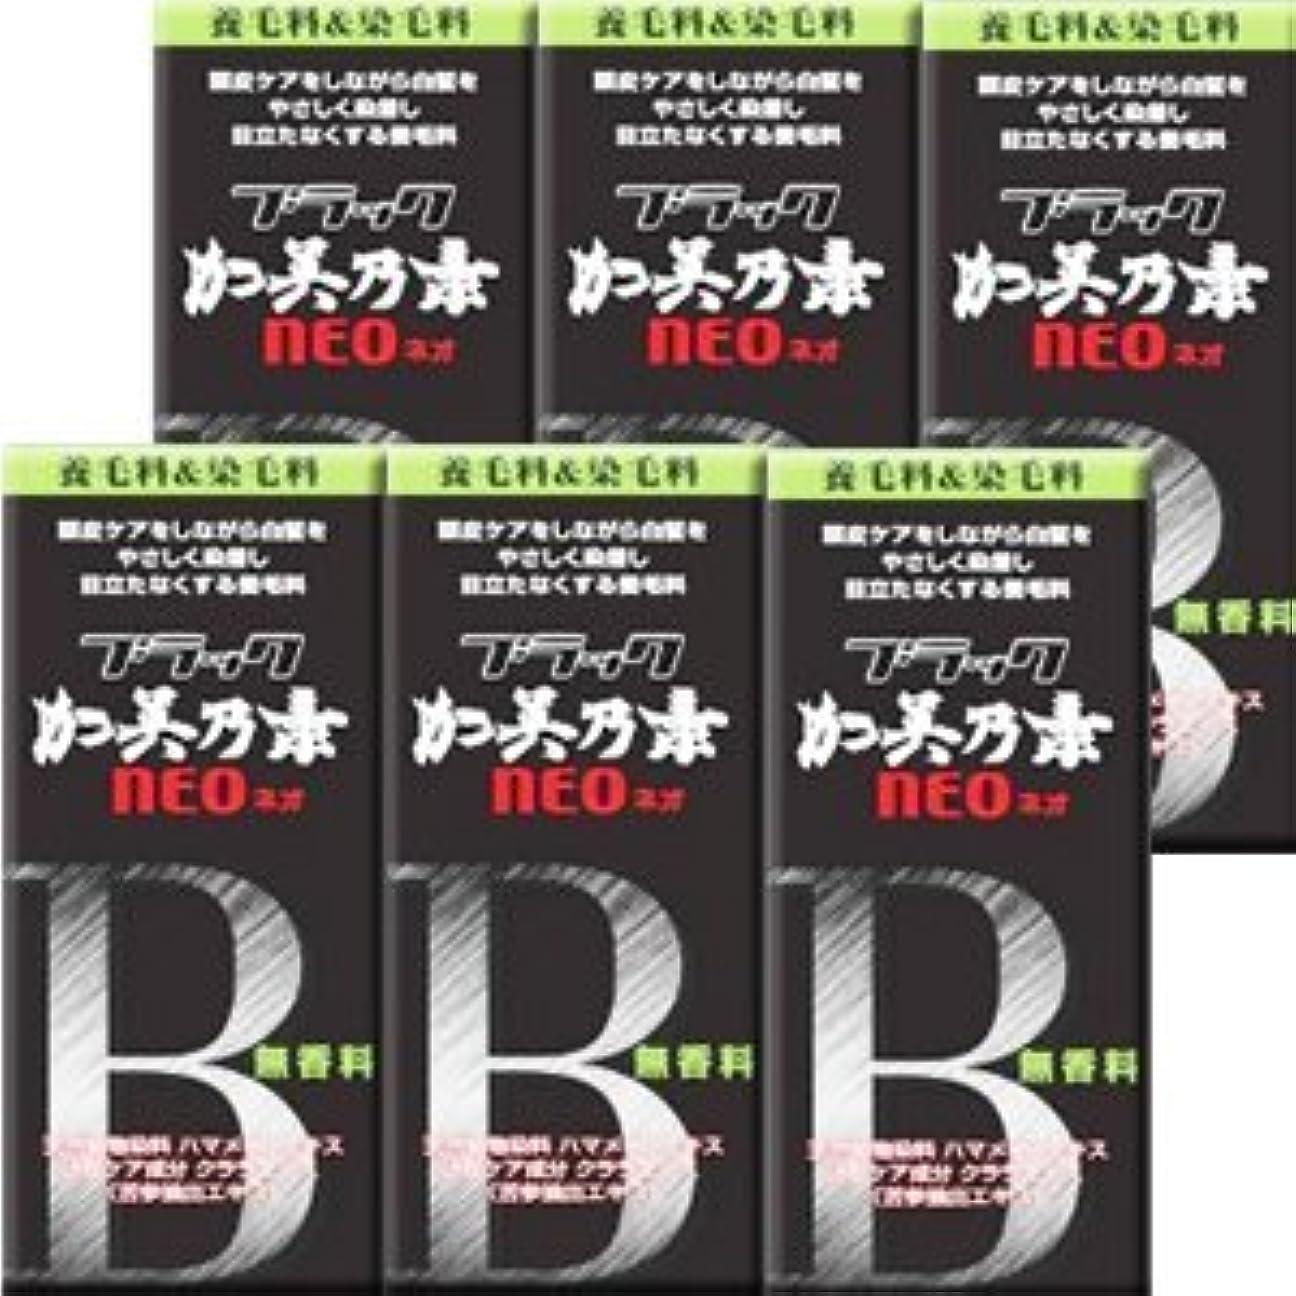 モッキンバード実行艶【6個】 ブラック加美乃素NEO 無香料 150mlx6個 (4987046370105)